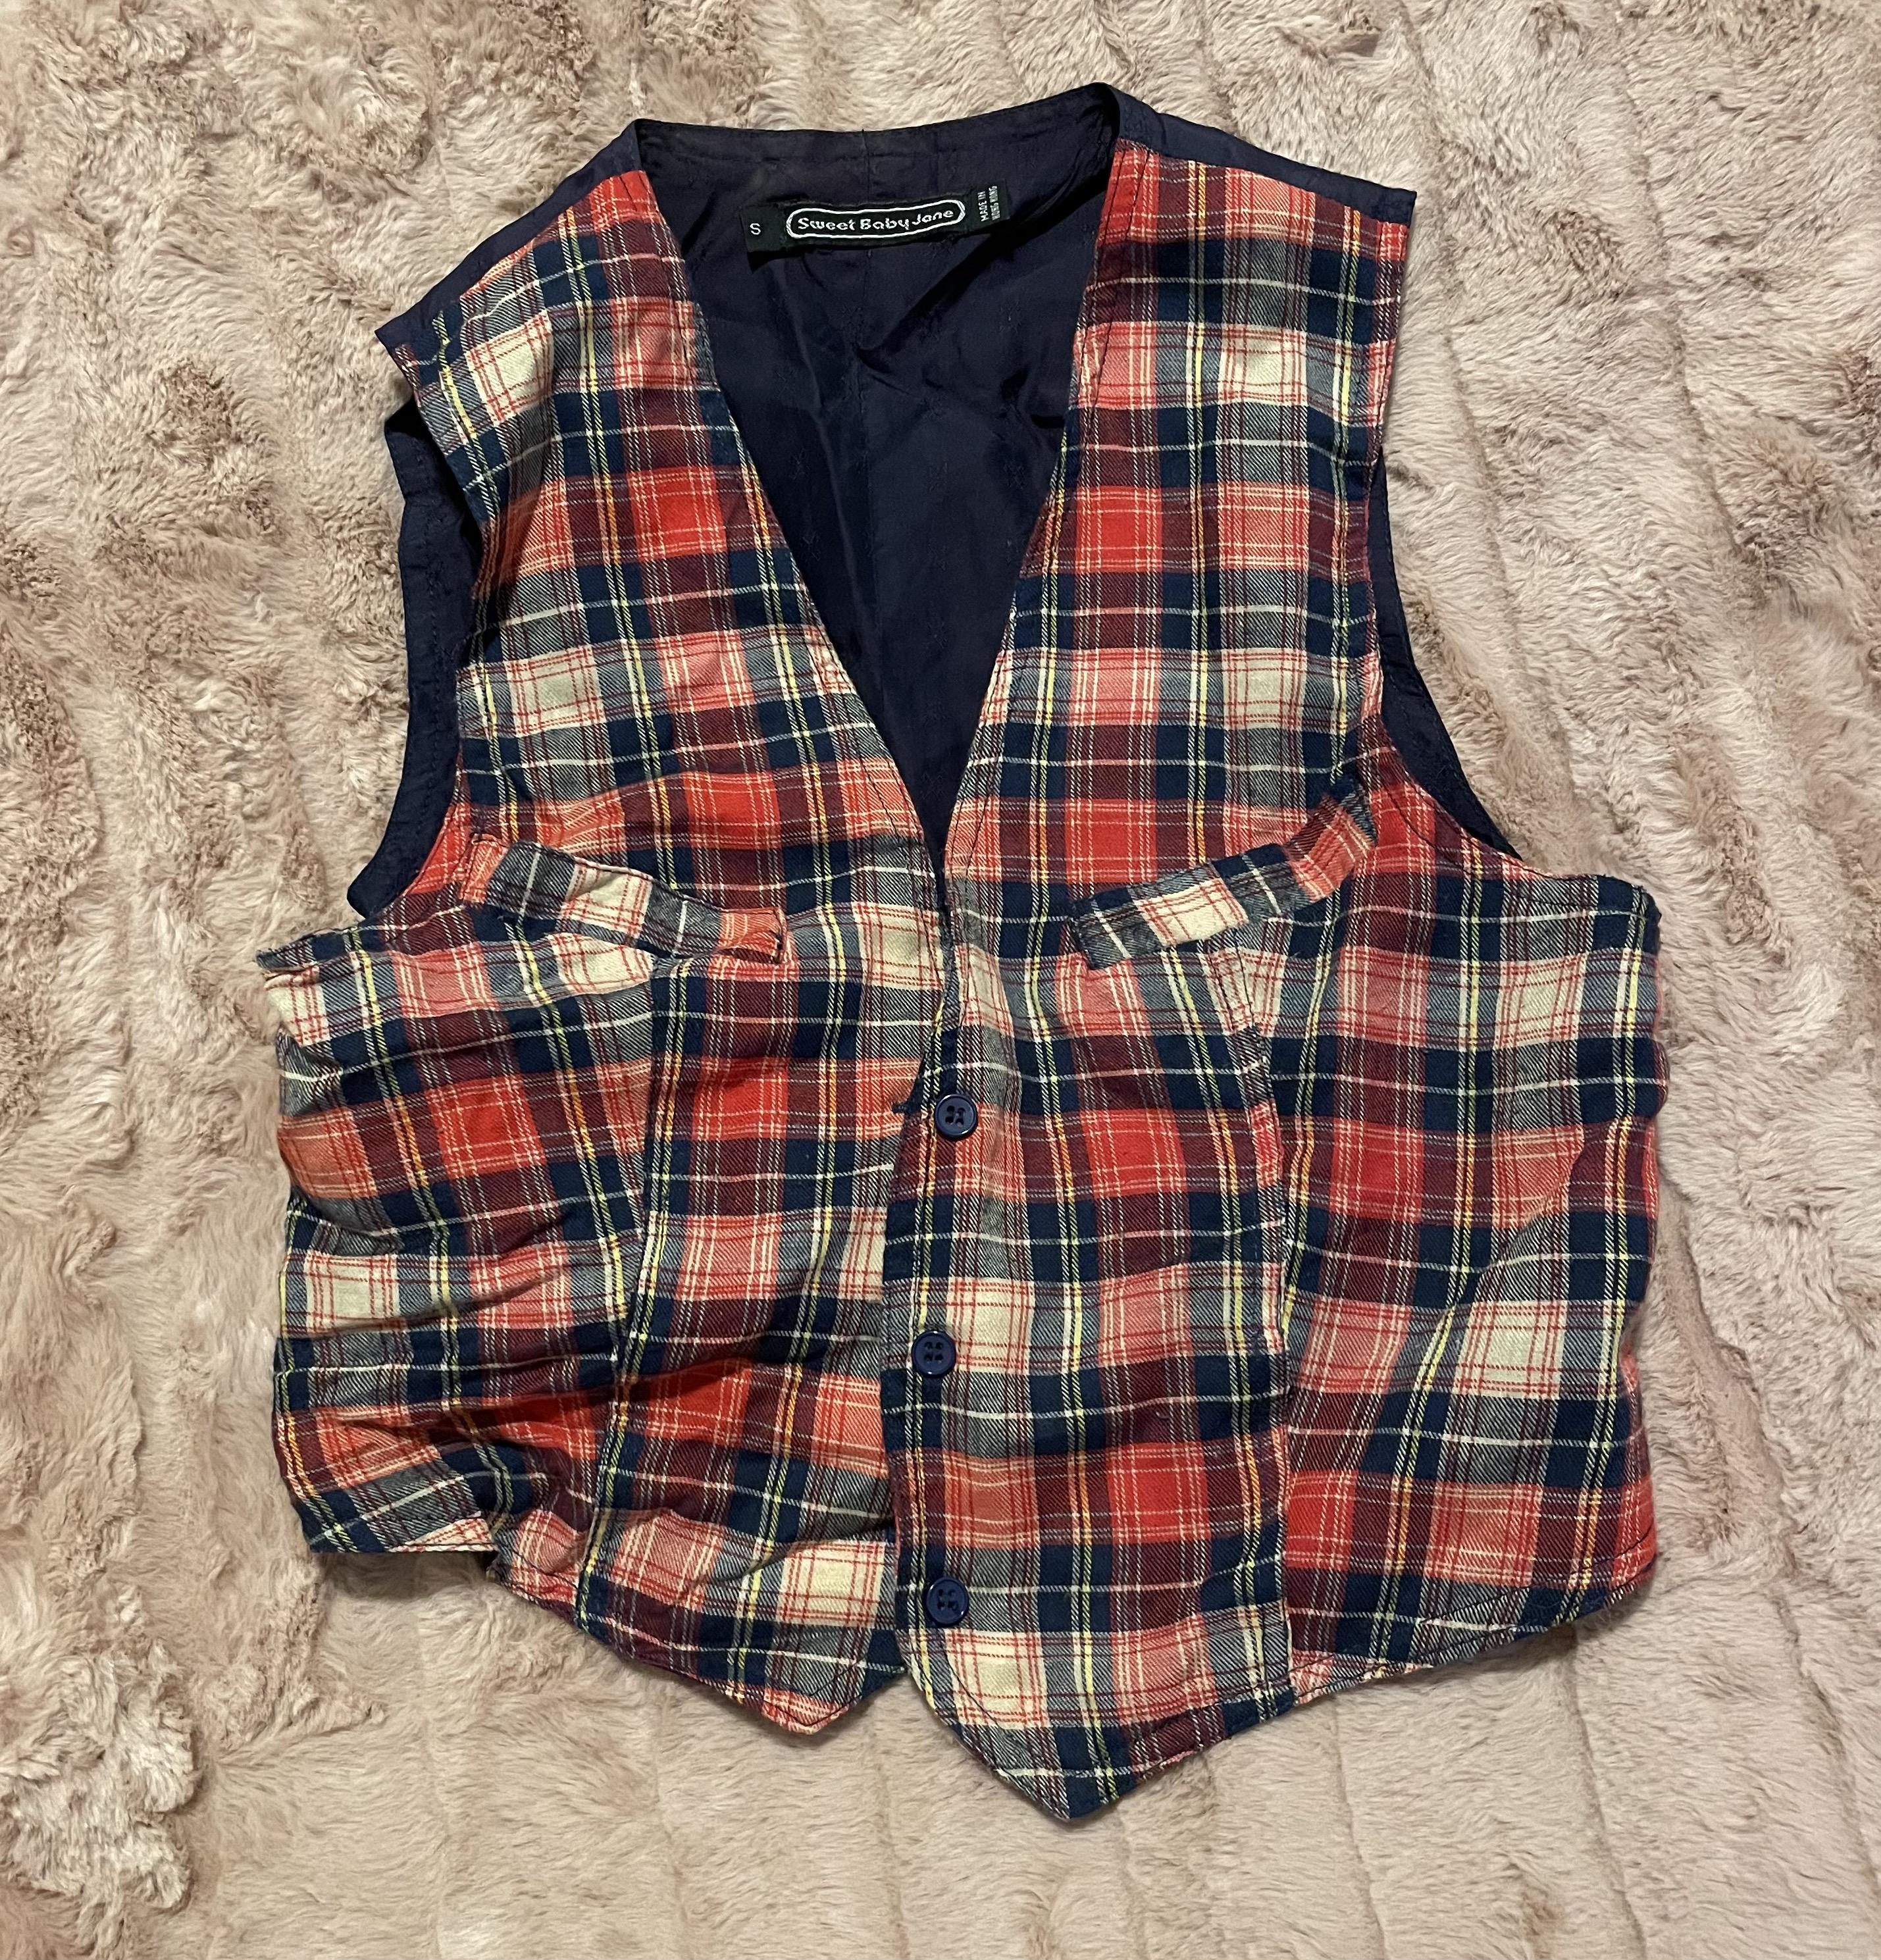 Sweet Baby Jane   Vintage 70's Style Plaid Tartan Adjustable Vest   Retro 1970s   Juniors Small